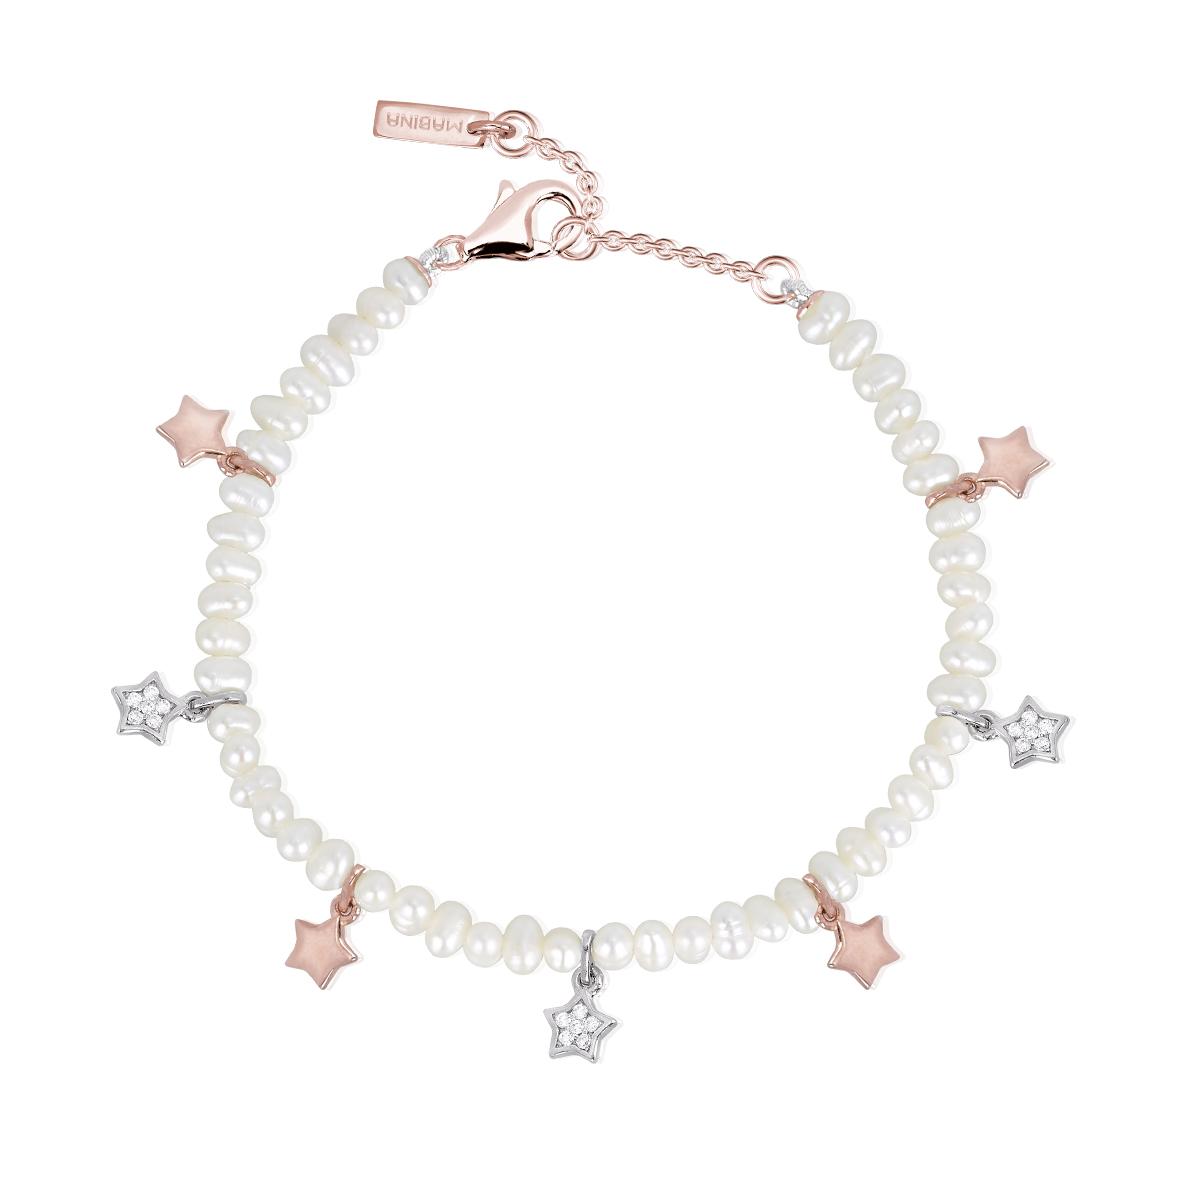 Bracciale Donna Mabina in Argento rosato e perle con stelle e zirconi